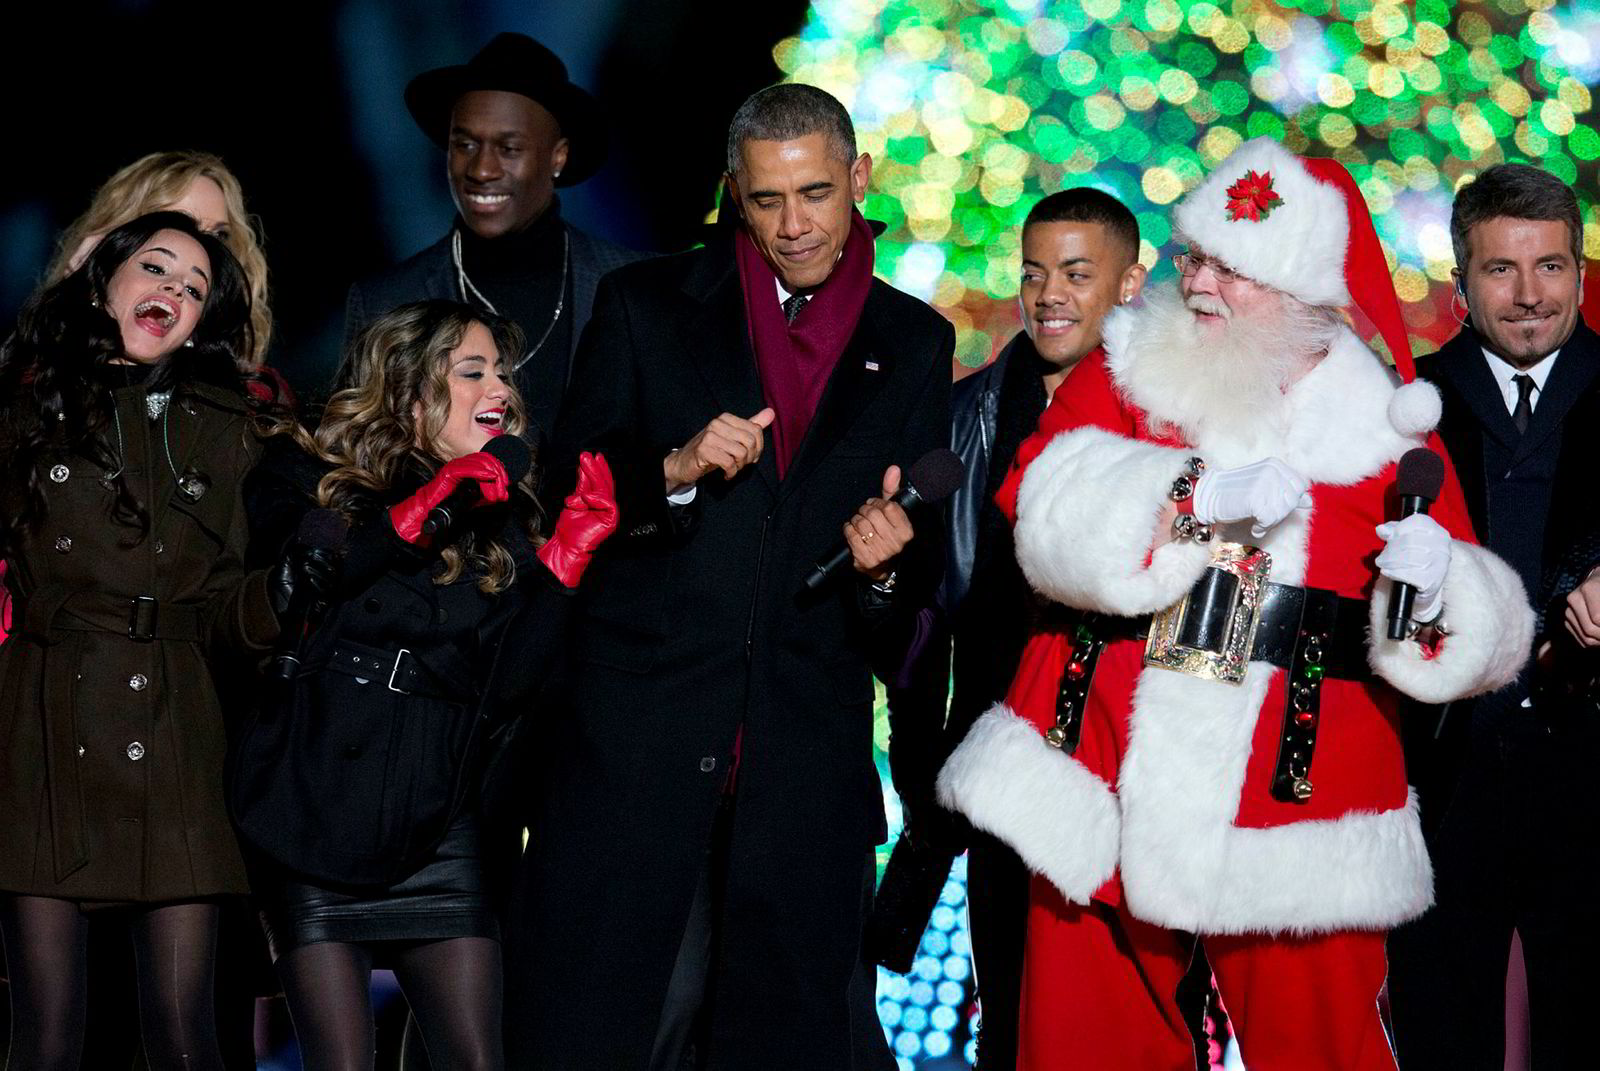 Under den årlige juletretenningen utenfor Det hvite hus I 2014 var Nico & Vinz de eneste ikke-amerikanske artistene som opptrådte for tidligere president Barack Obama og 20.000 fremmøtte publikummere.